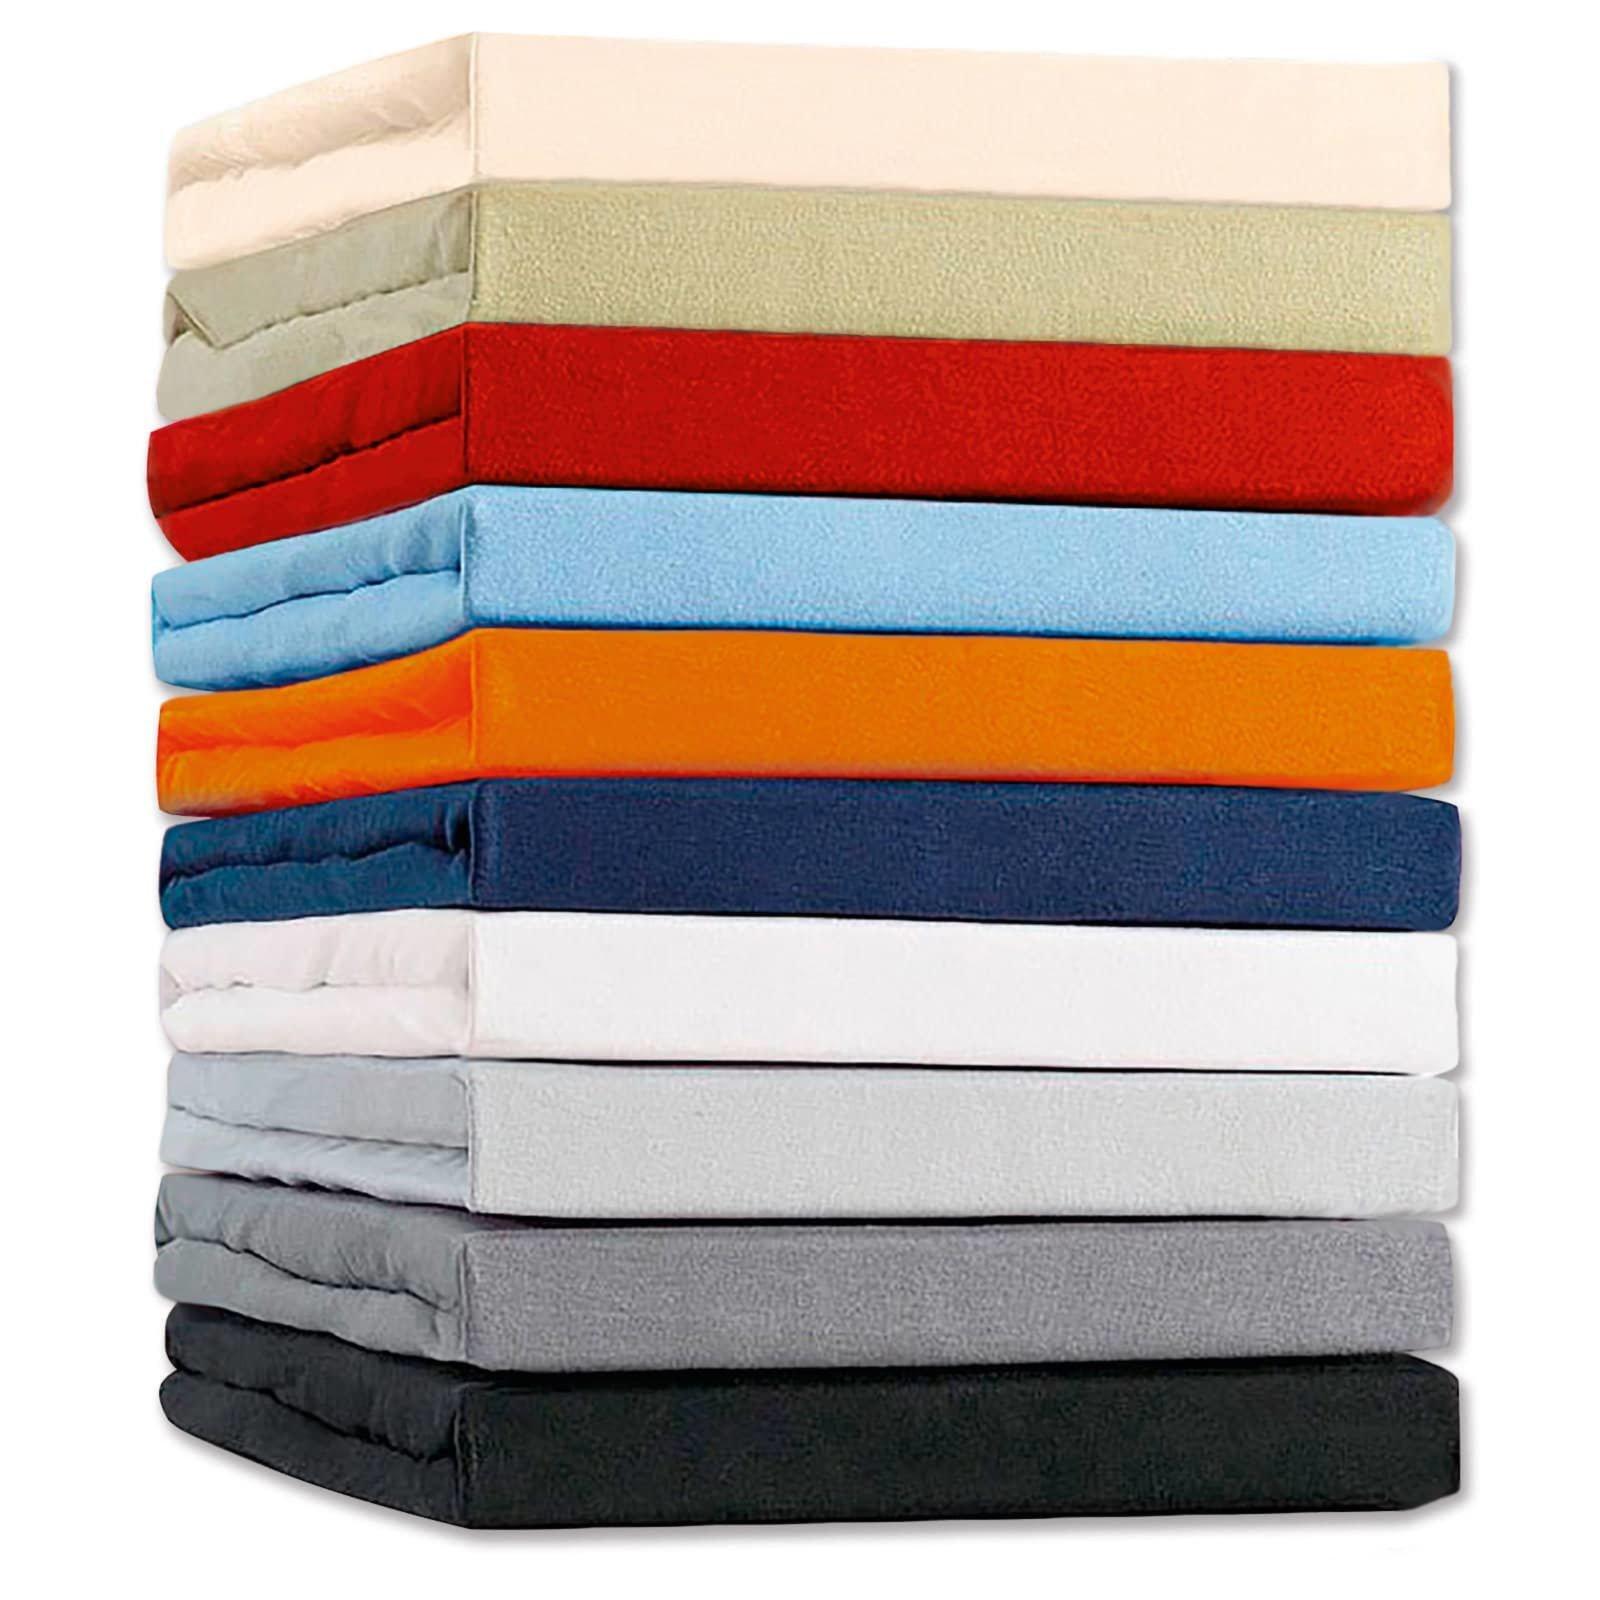 spannbettlaken farbe nicht w hlbar 100x200 cm bettlaken bettw sche bettlaken. Black Bedroom Furniture Sets. Home Design Ideas